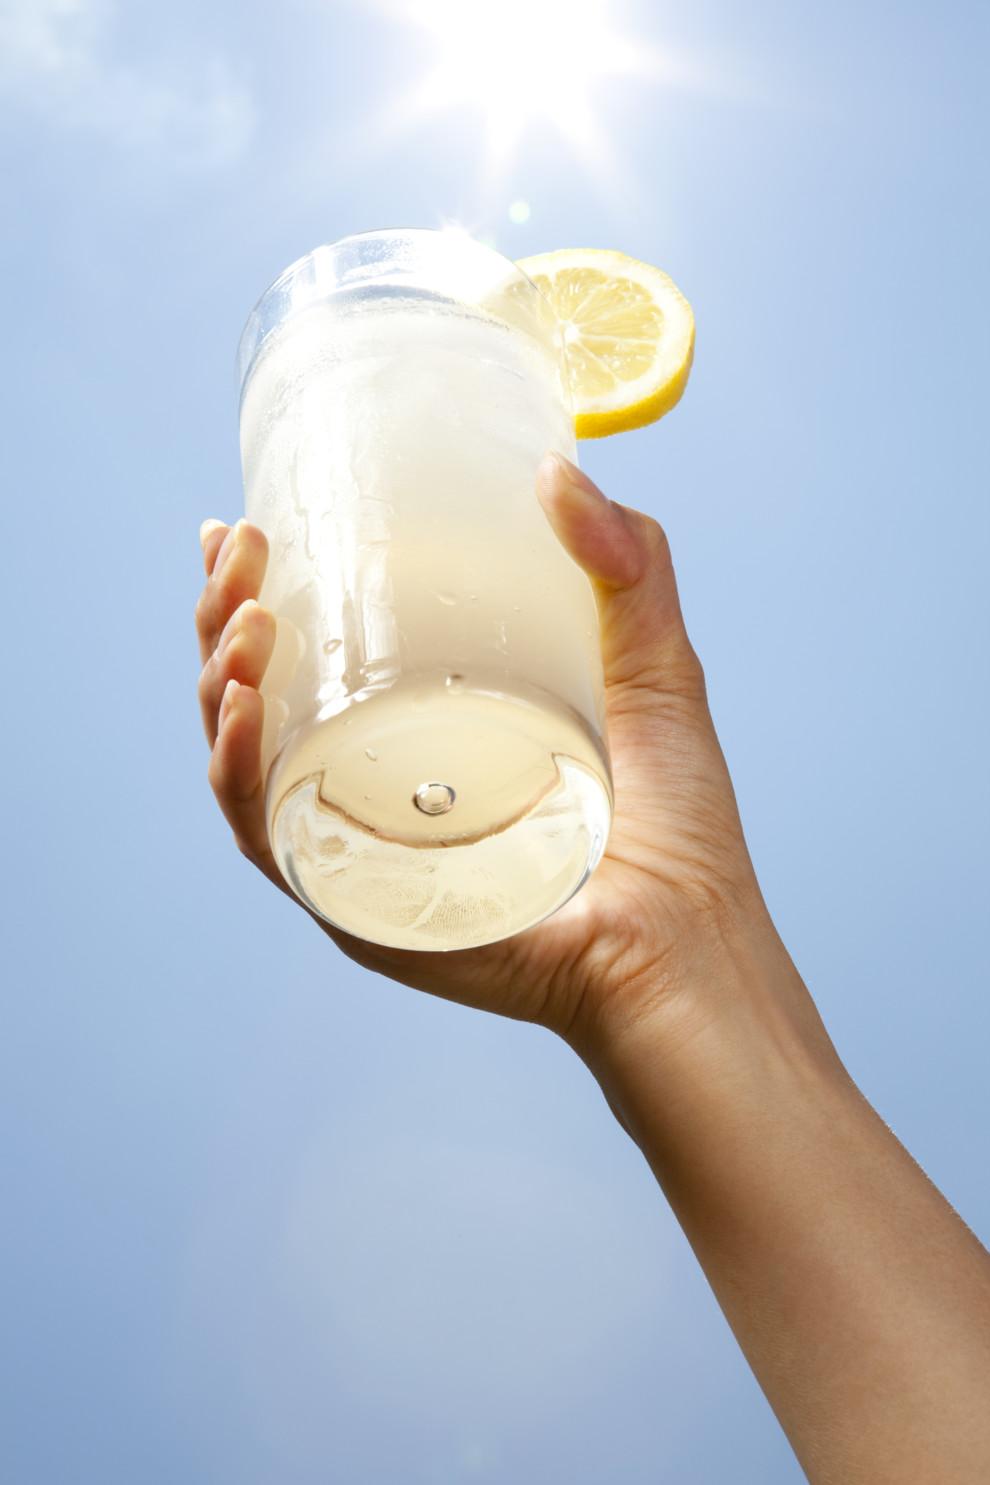 Стакан лимонада в руке - лучшее, что есть летом.